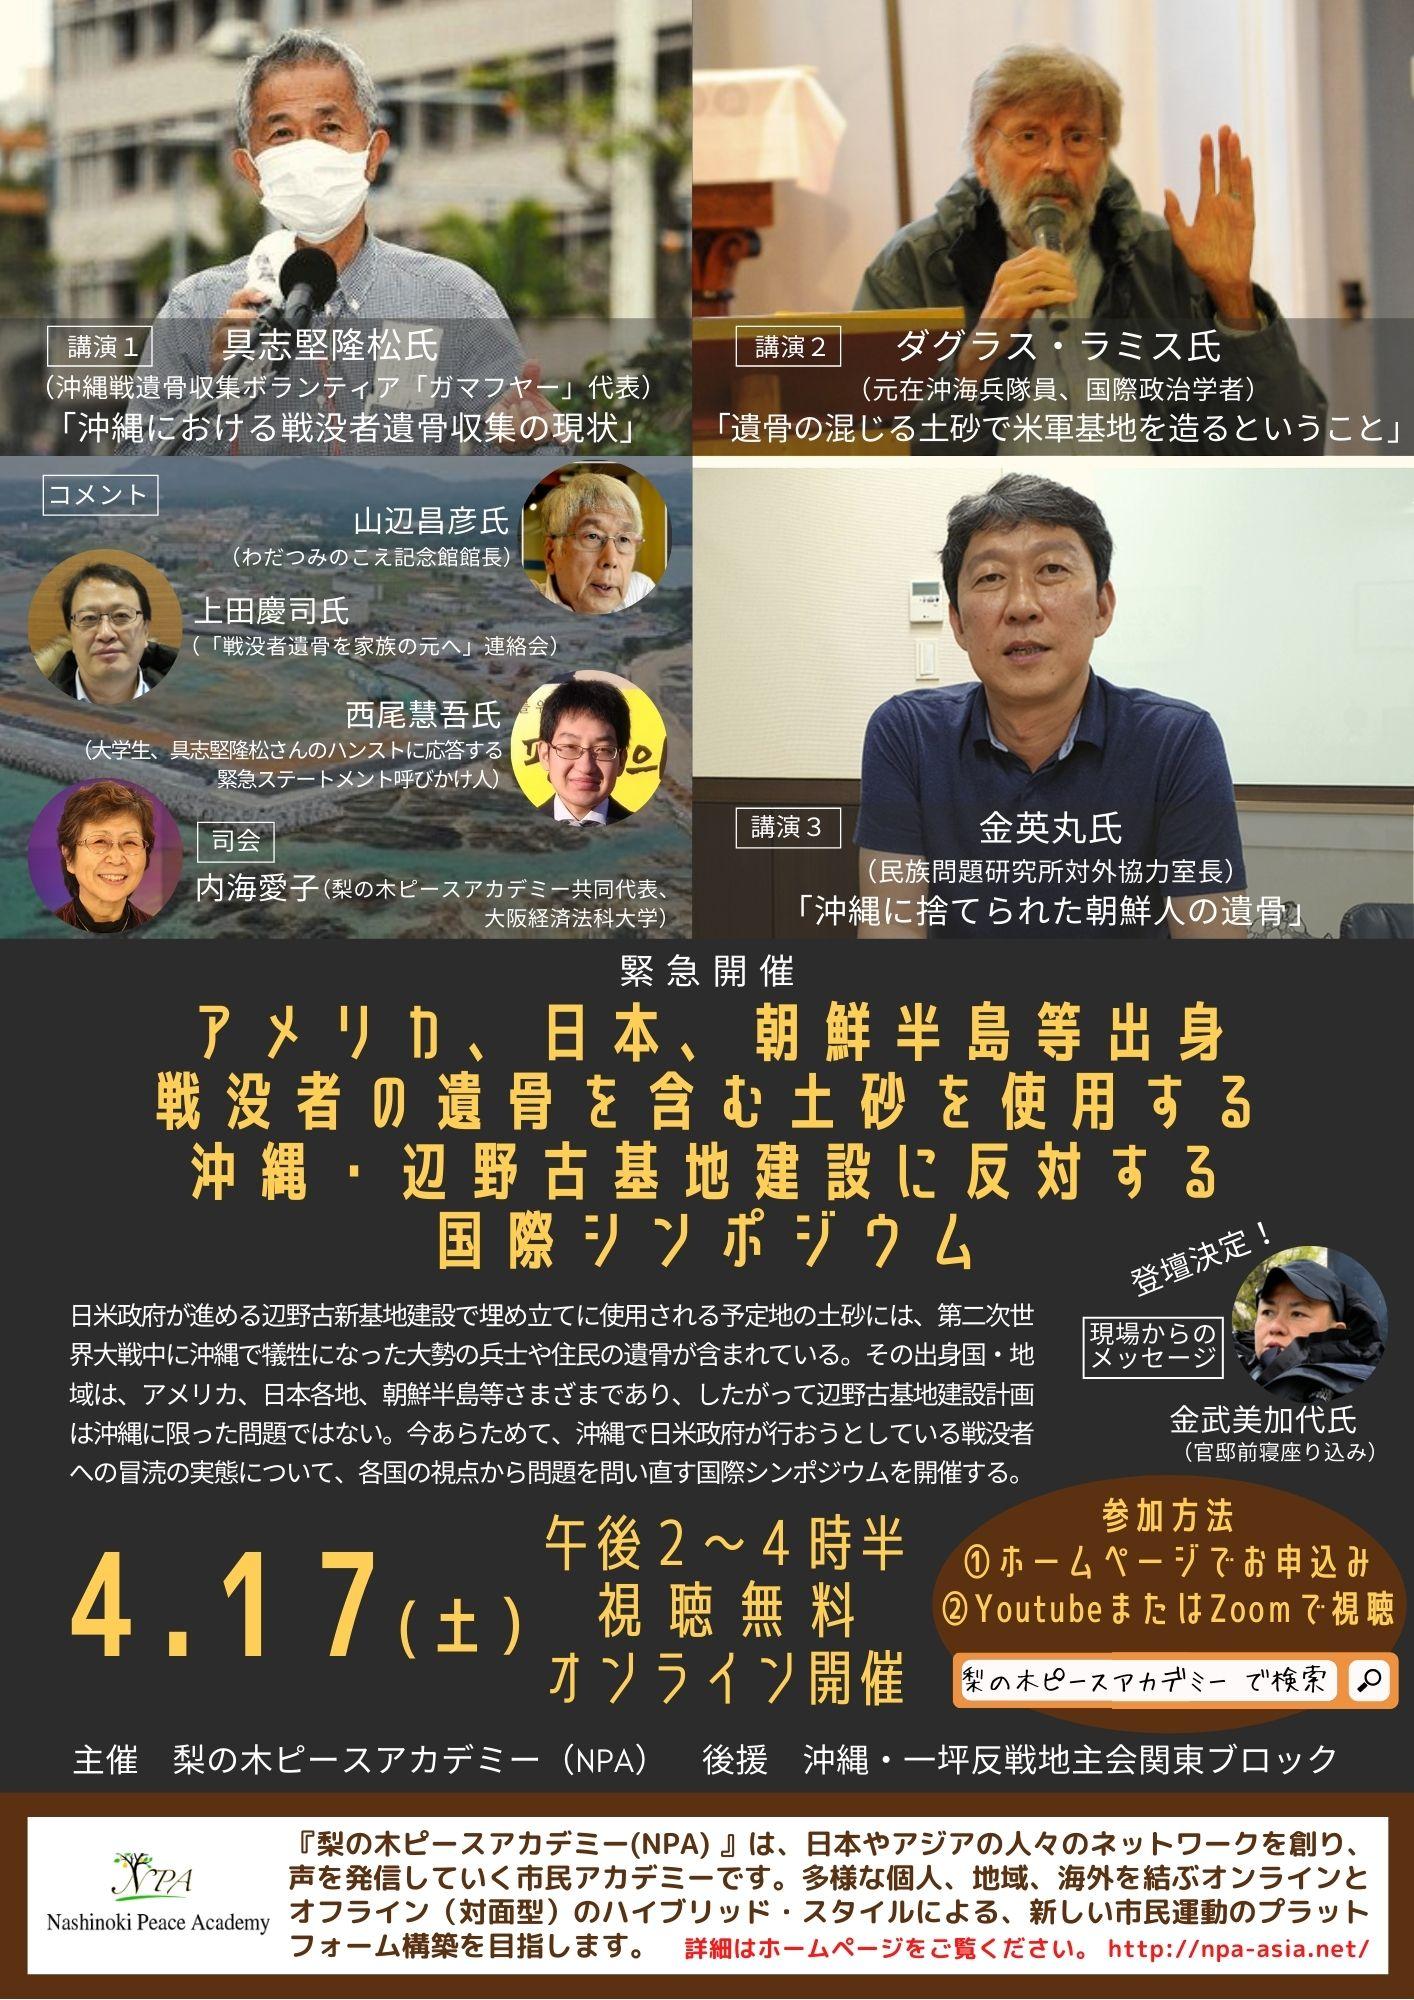 【報告】米国、日本、朝鮮半島等出身戦没者遺骨を含む土砂を使う沖縄辺野古基地建設に反対する国際シンポ